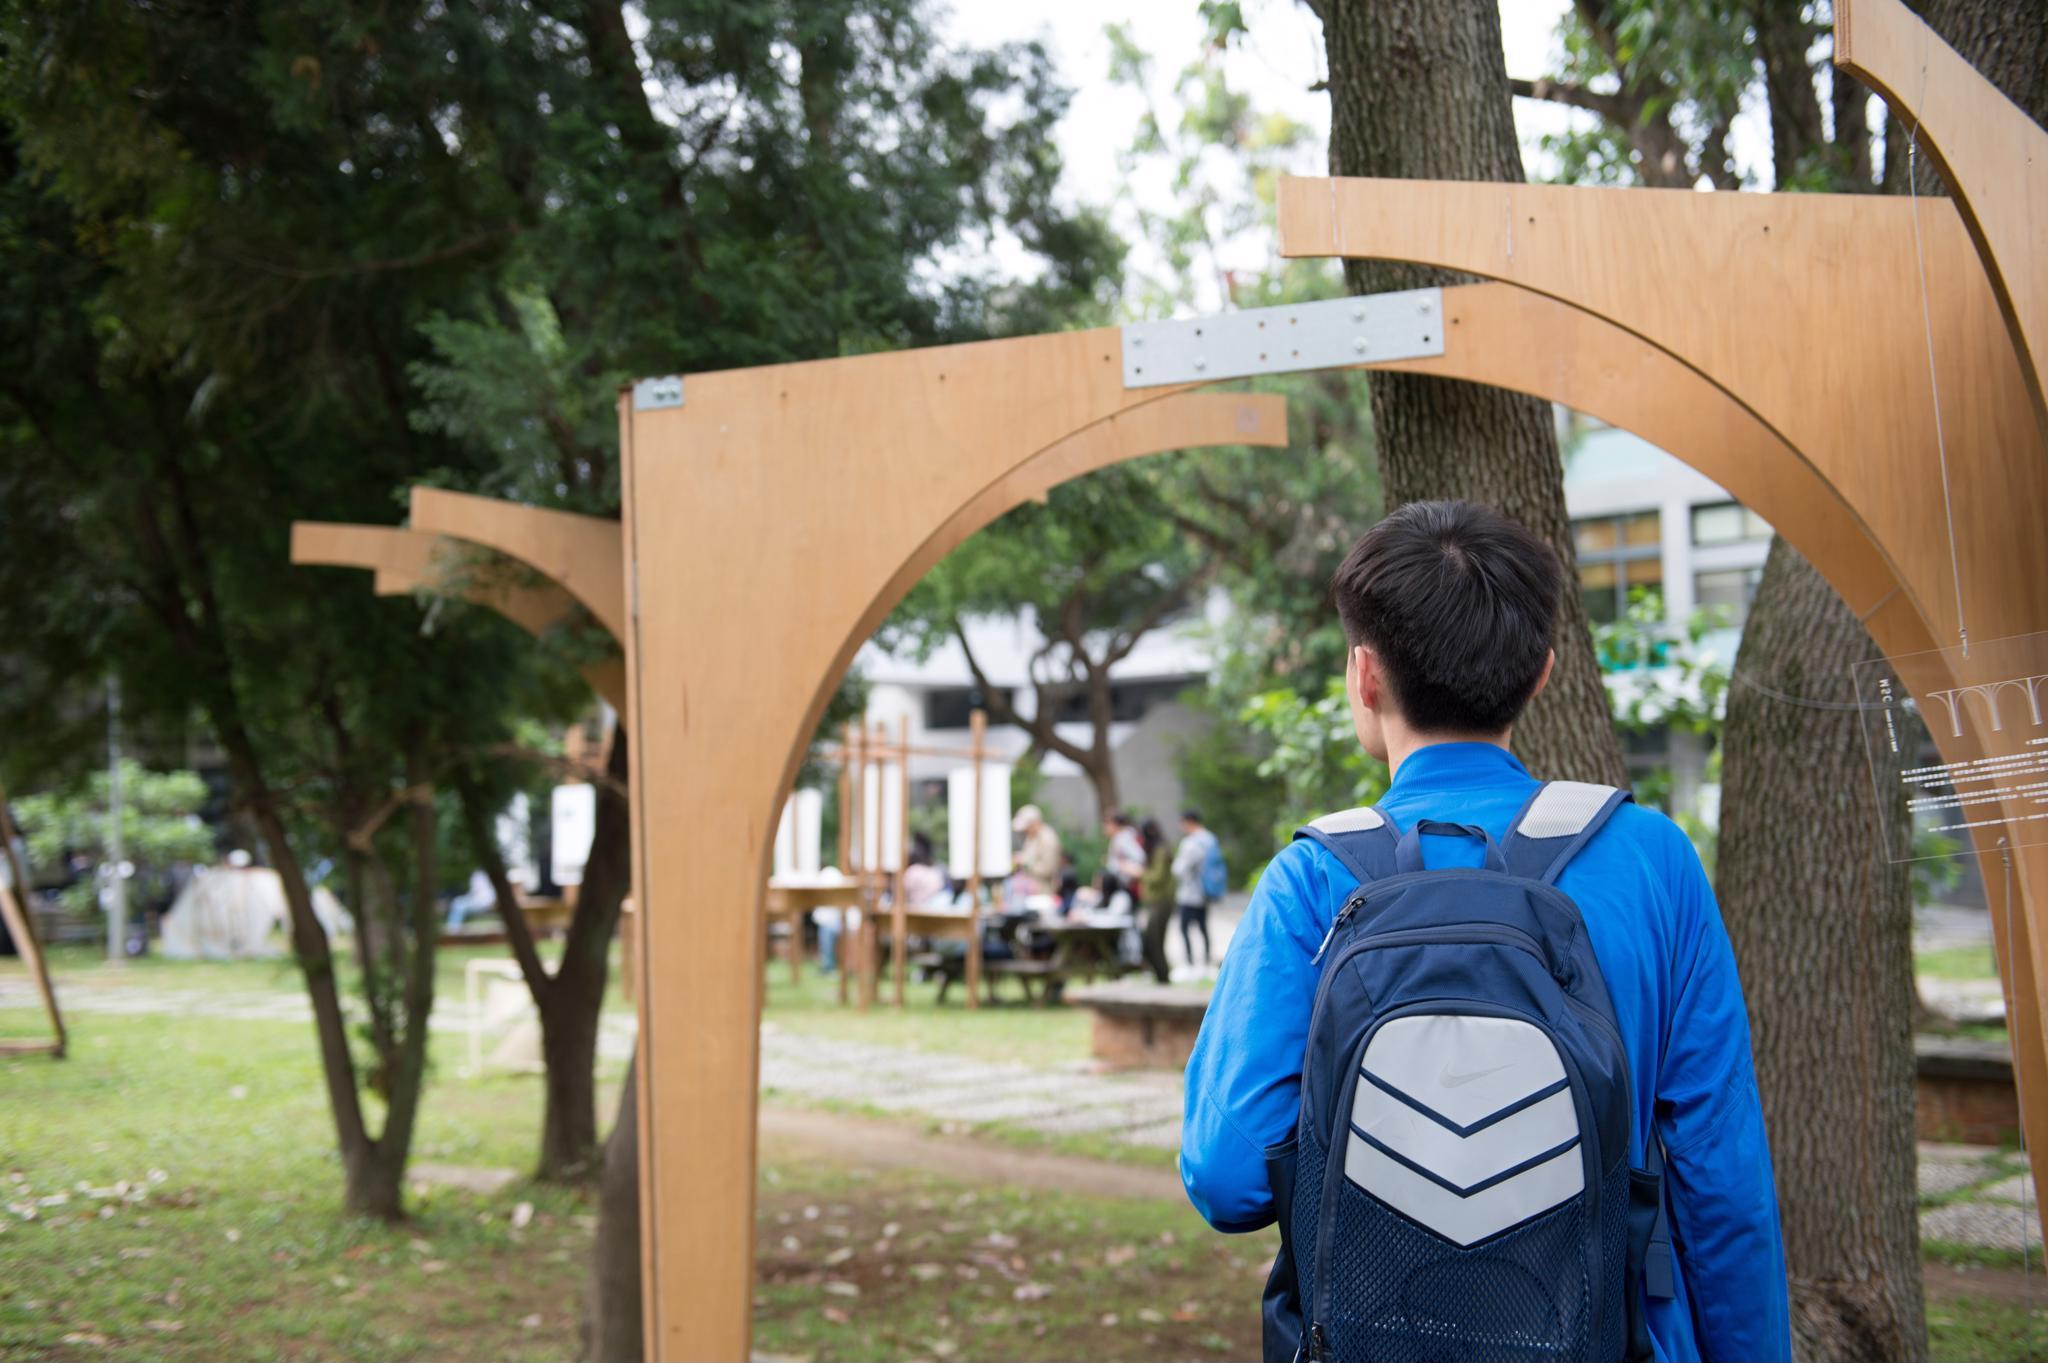 中原室設空間裝置展 學生展現設計實踐的能力.jpg